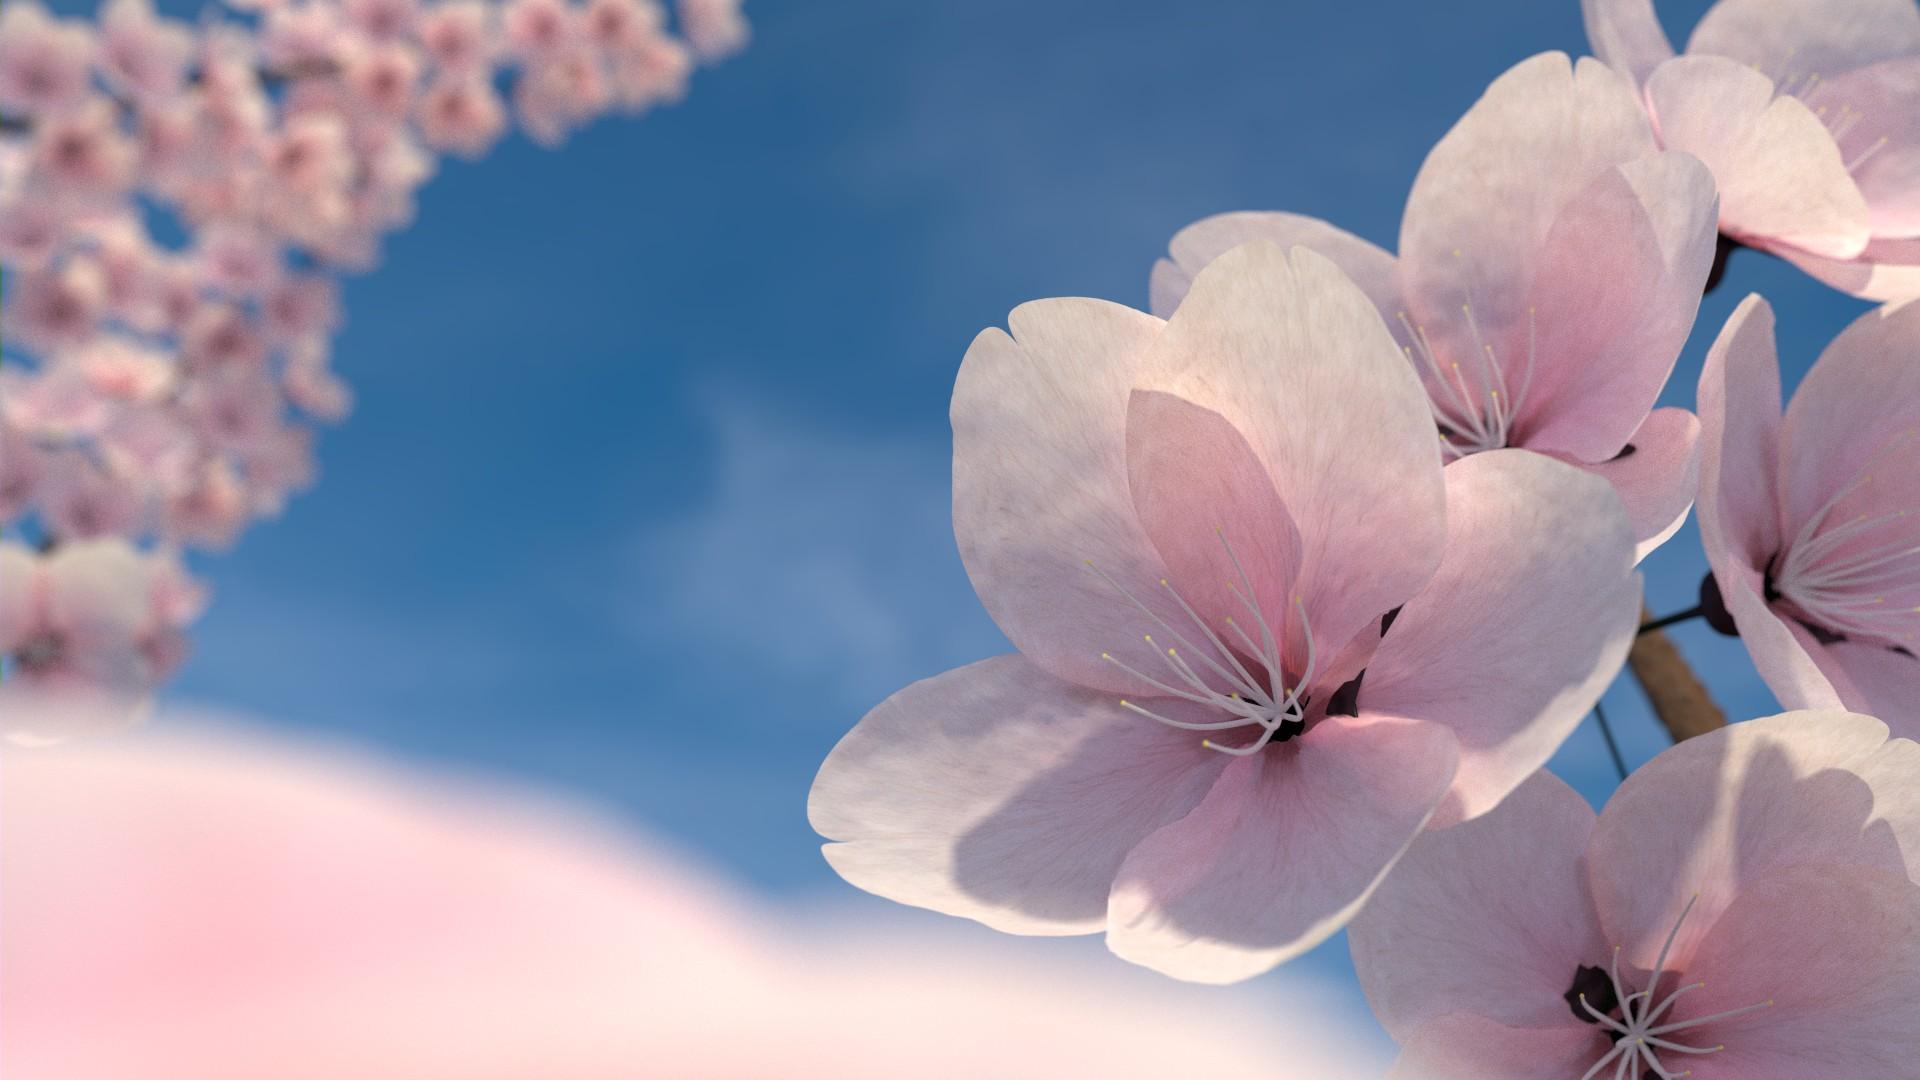 цветы в день рождения обои на рабочий стол